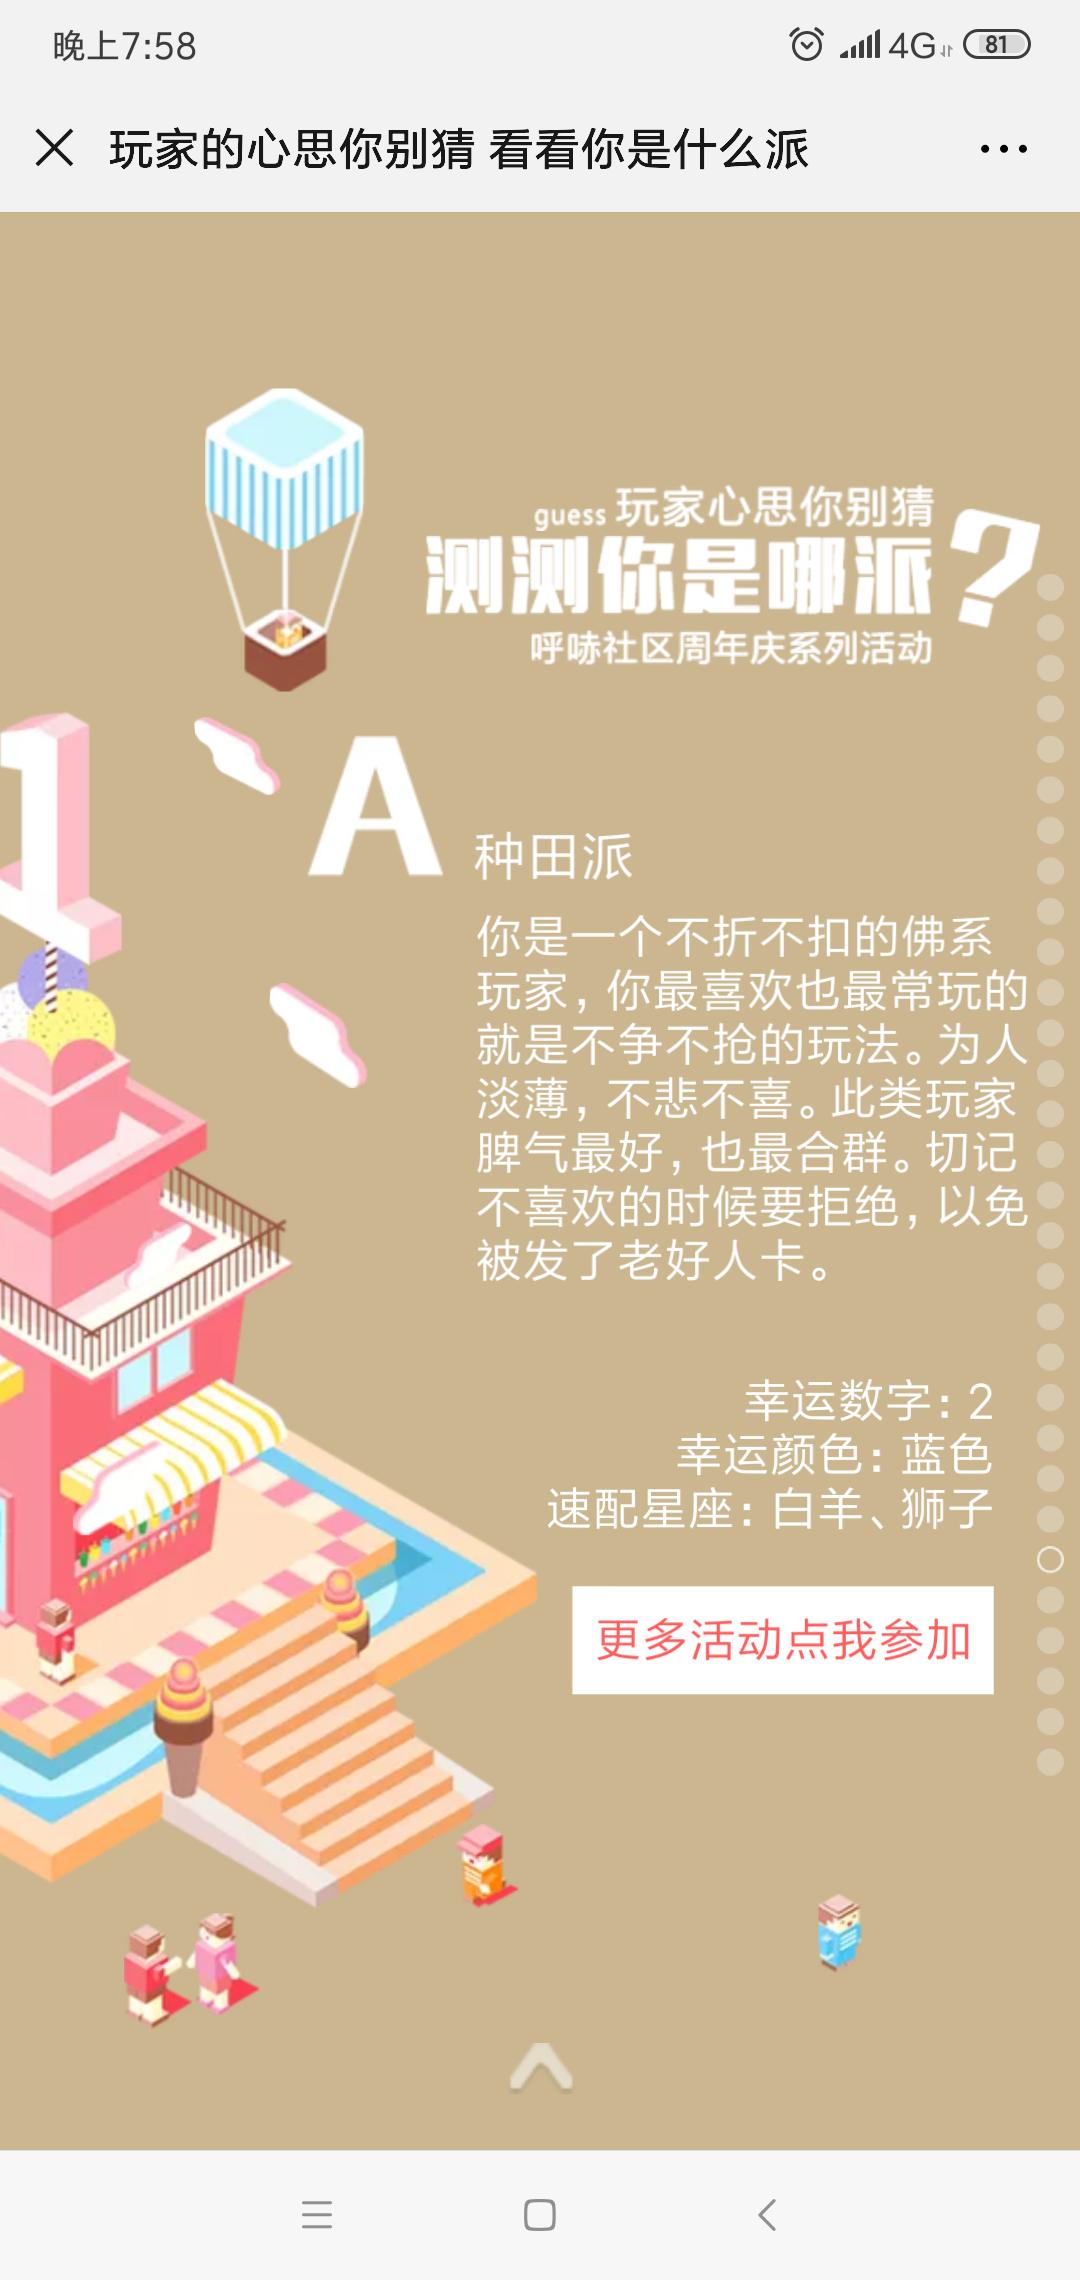 Screenshot_2019-07-25-19-58-41-010_com.tencent.mm.png